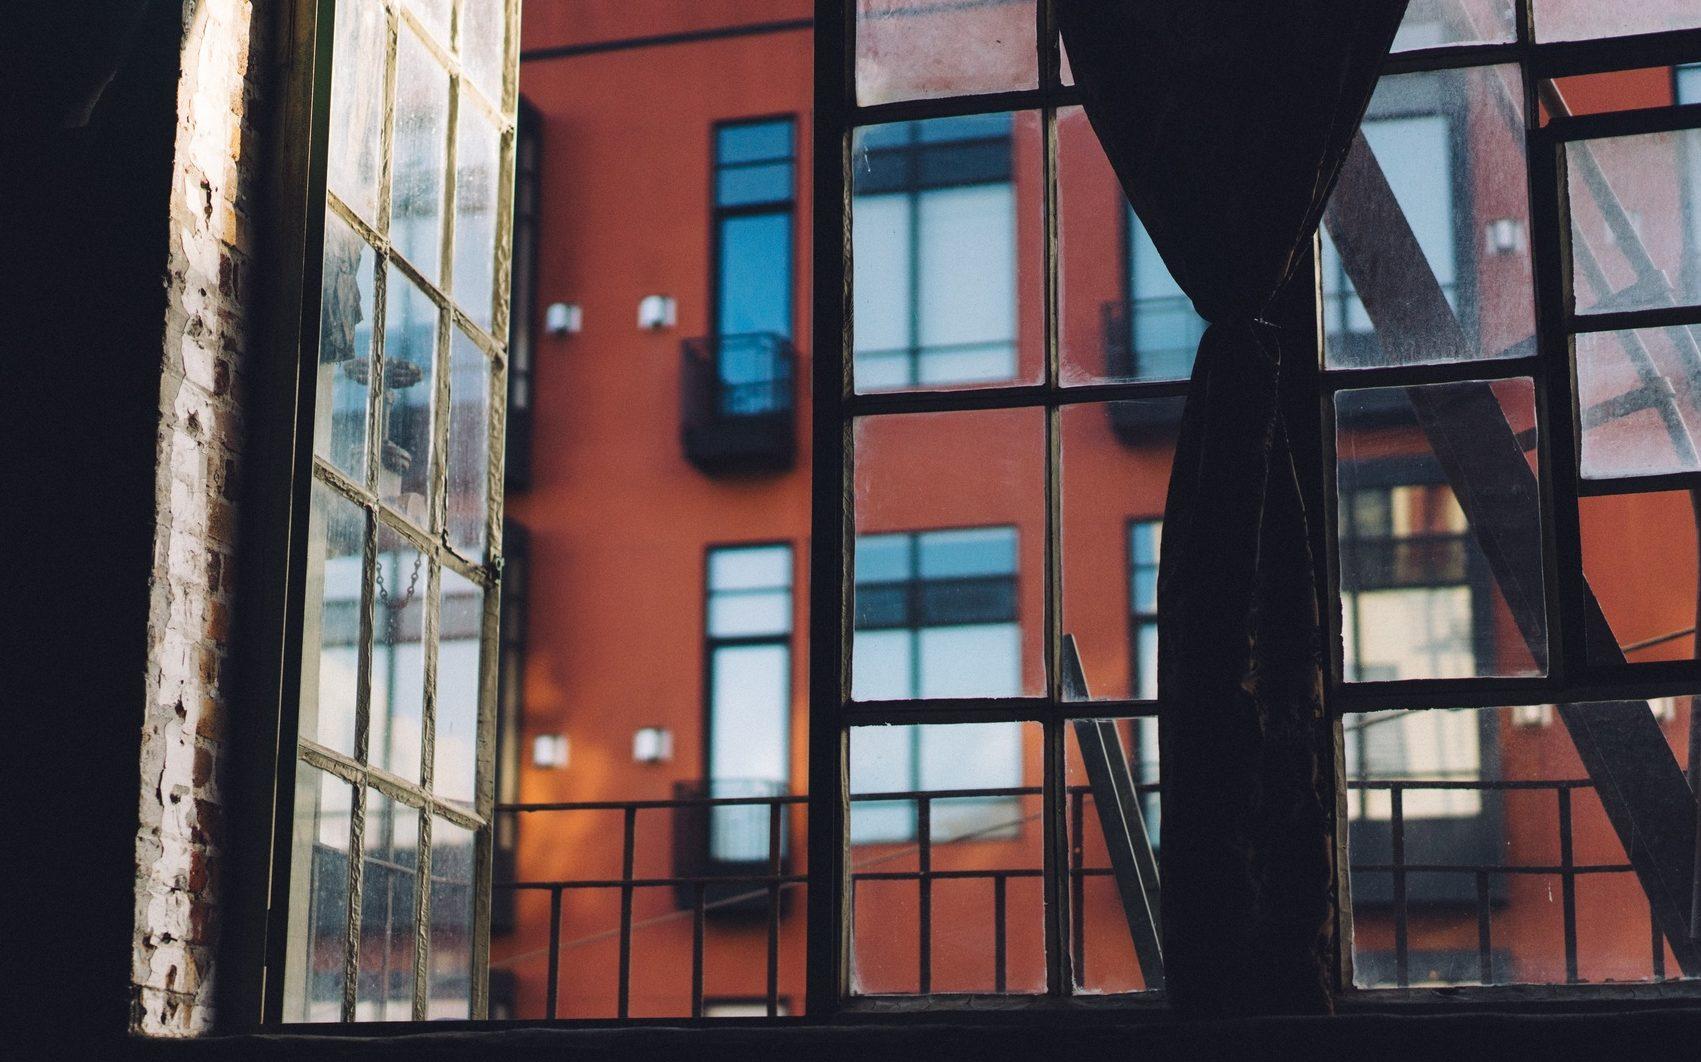 De VvE: is een huurverbod toegestaan?